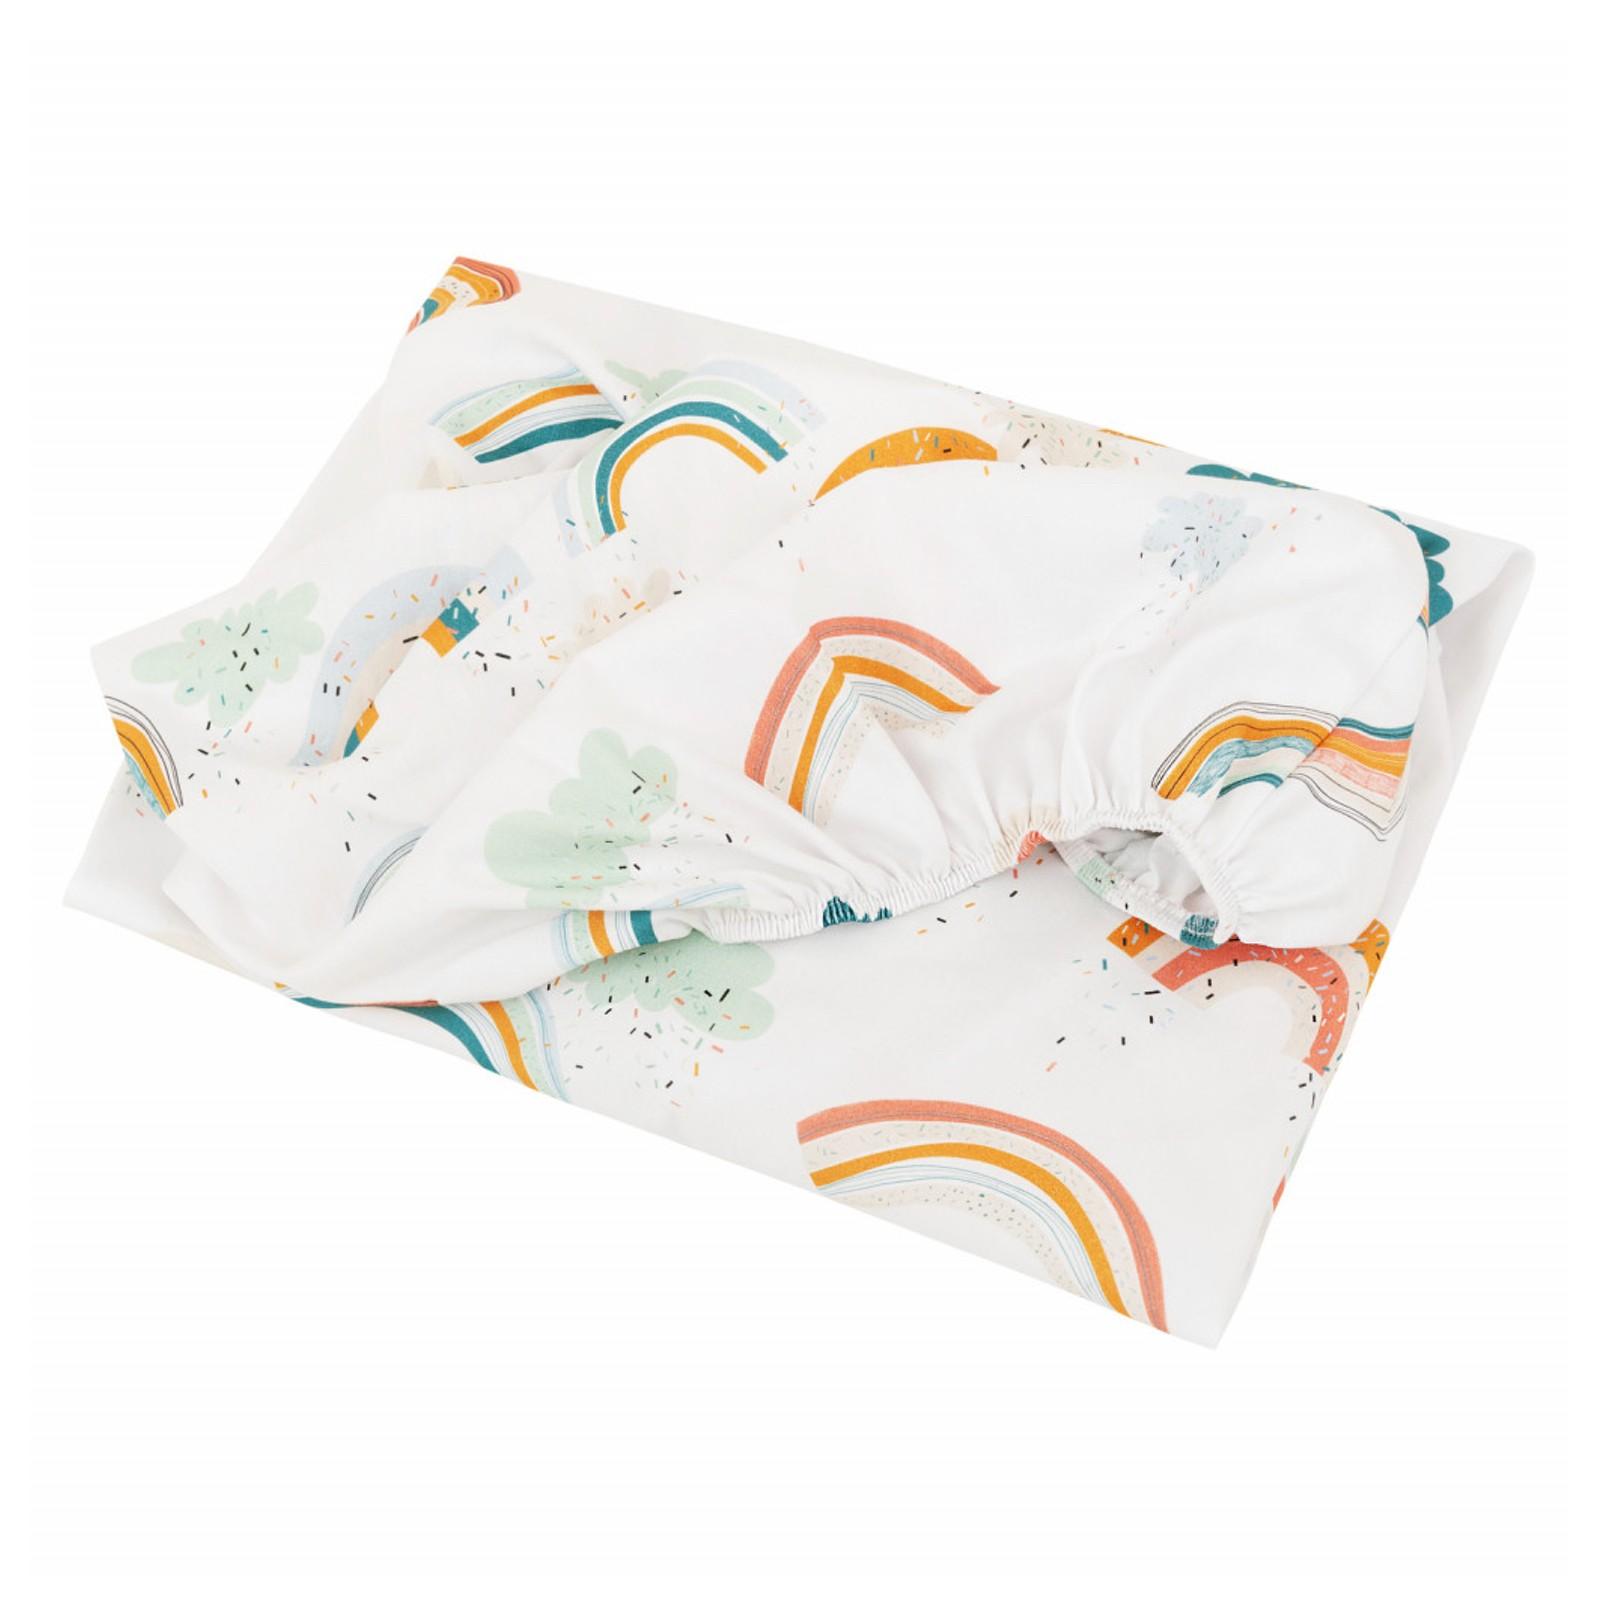 Drap housse bébé en coton multicolore 70x140